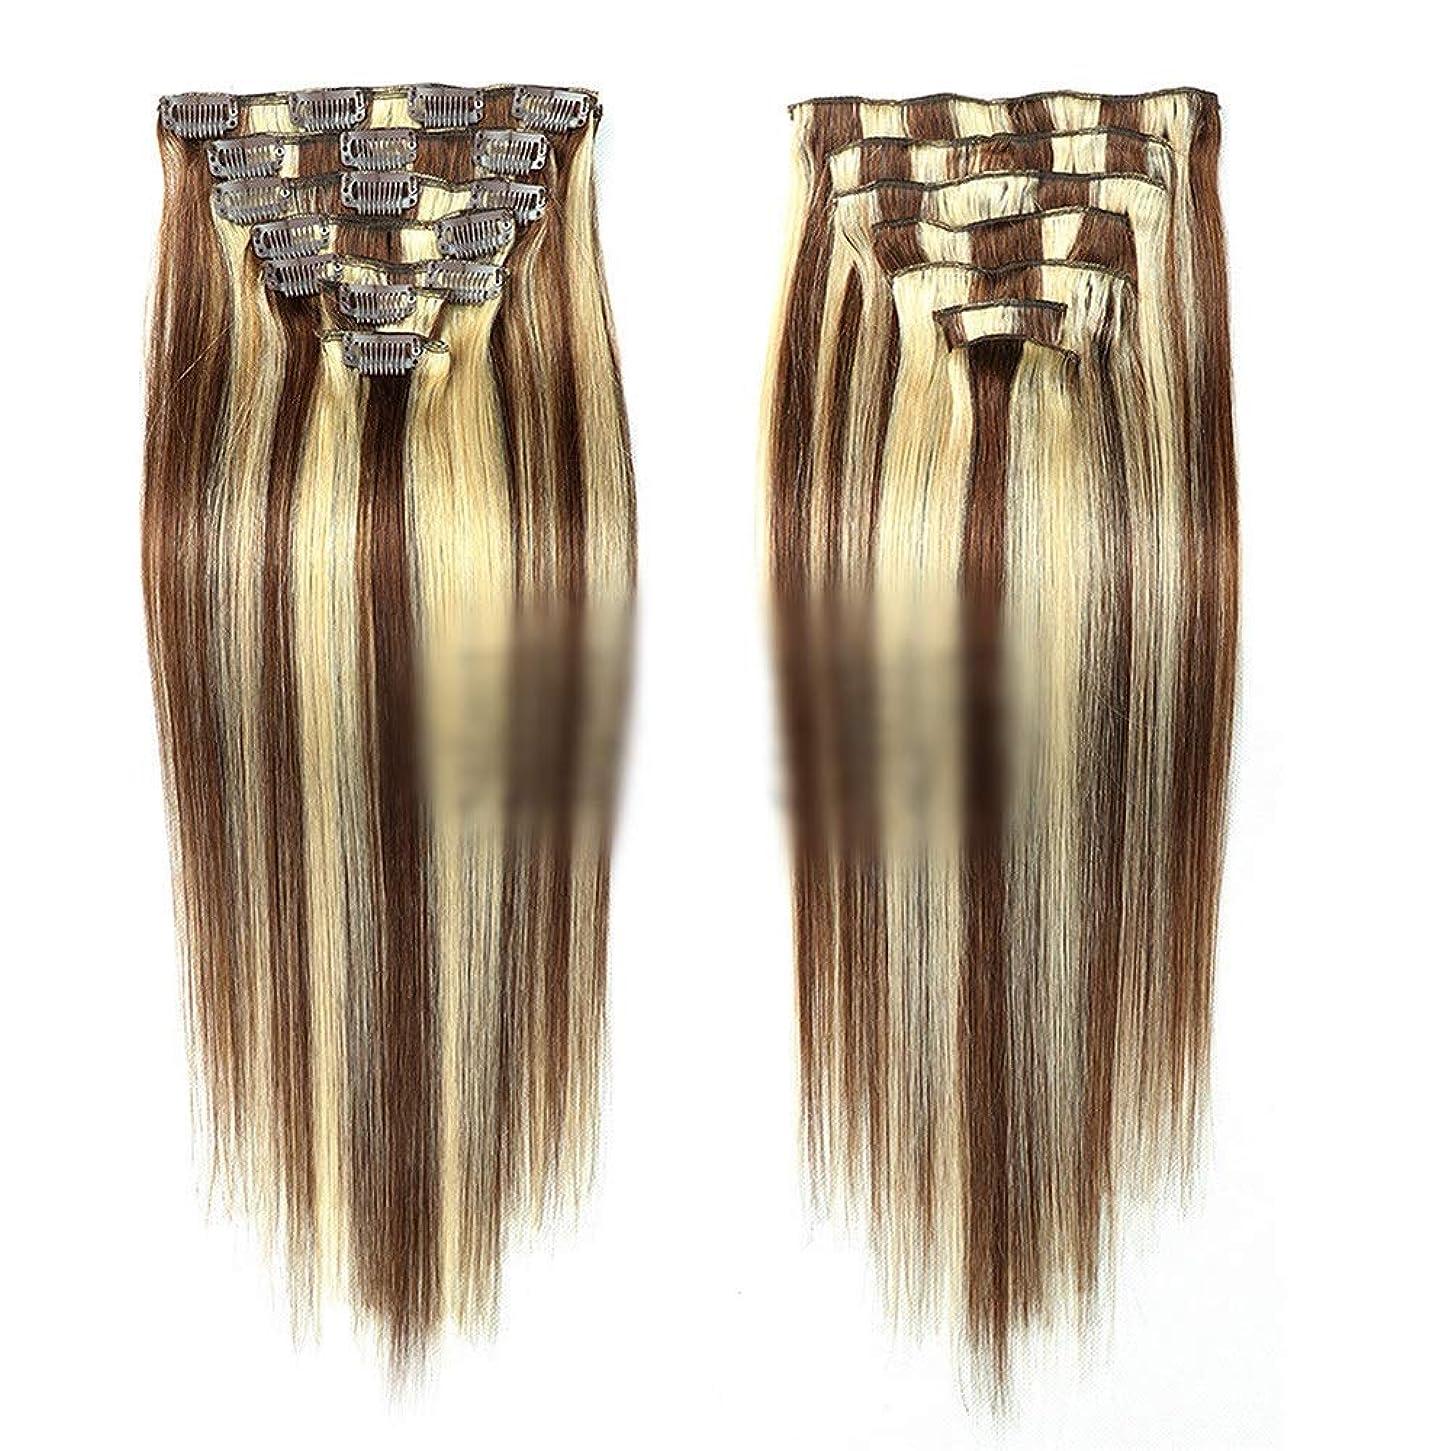 阻害する解明する裏切るHOHYLLYA ワンピースヘアエクステンション7個本物のヘアクリップイン - #4/613金髪に褐色のフルヘッド22インチロールプレイングかつら女性の自然なかつら (色 : #4/613)